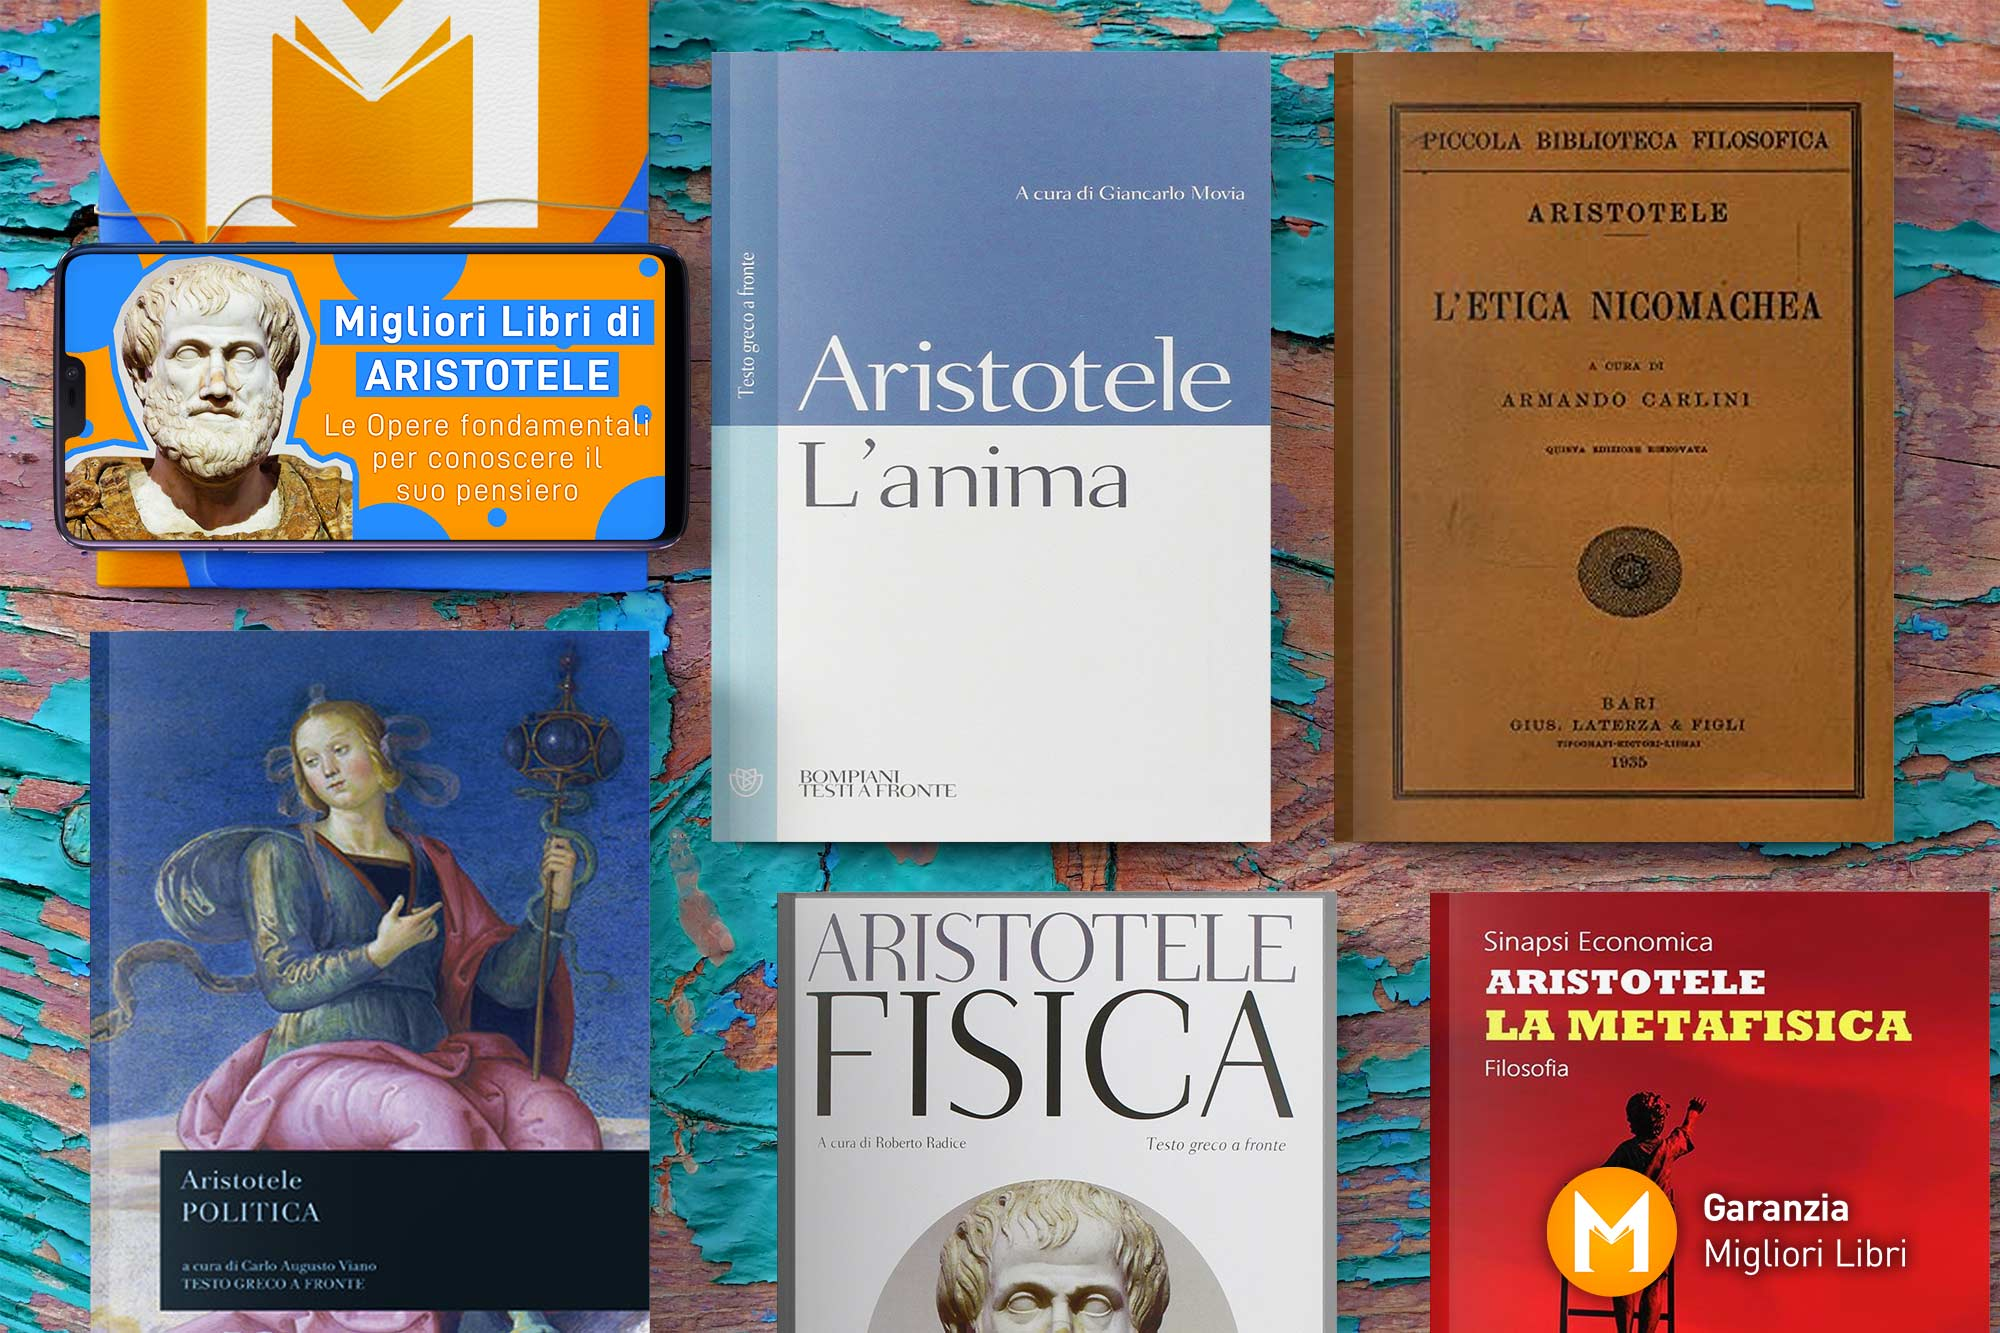 migliori-libri-aristotele-da-leggere-opere